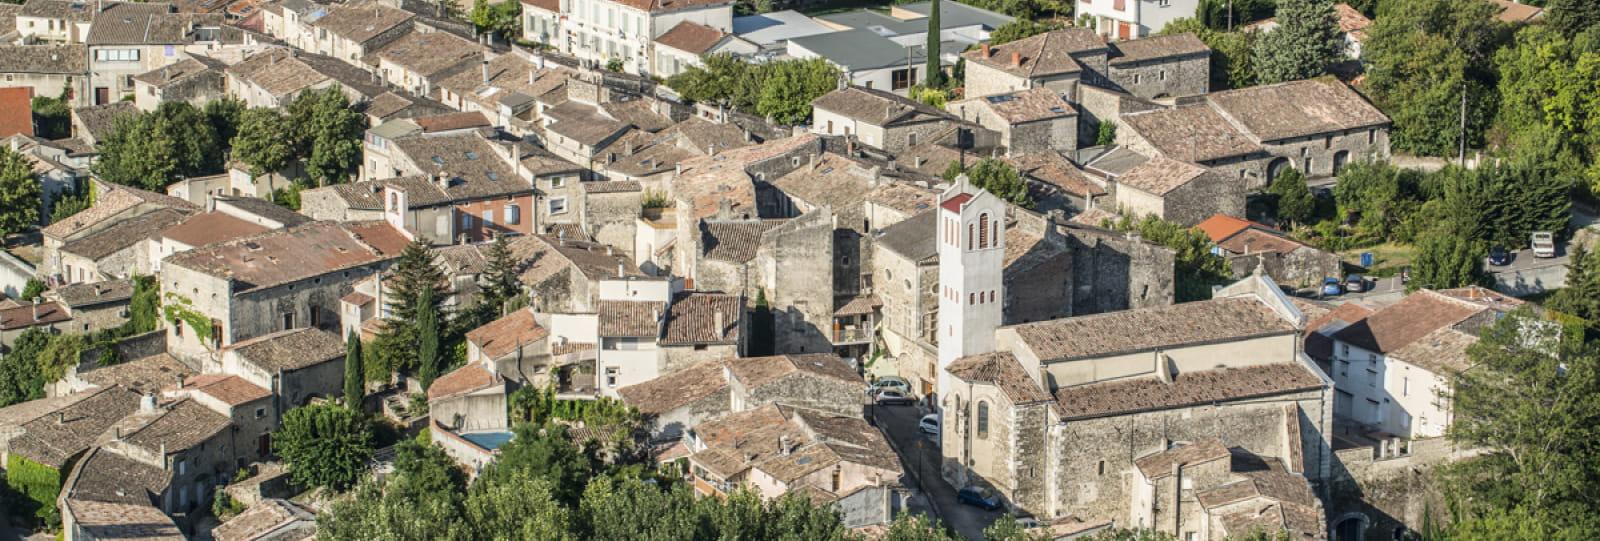 Saint-Gervais-sur-Roubion